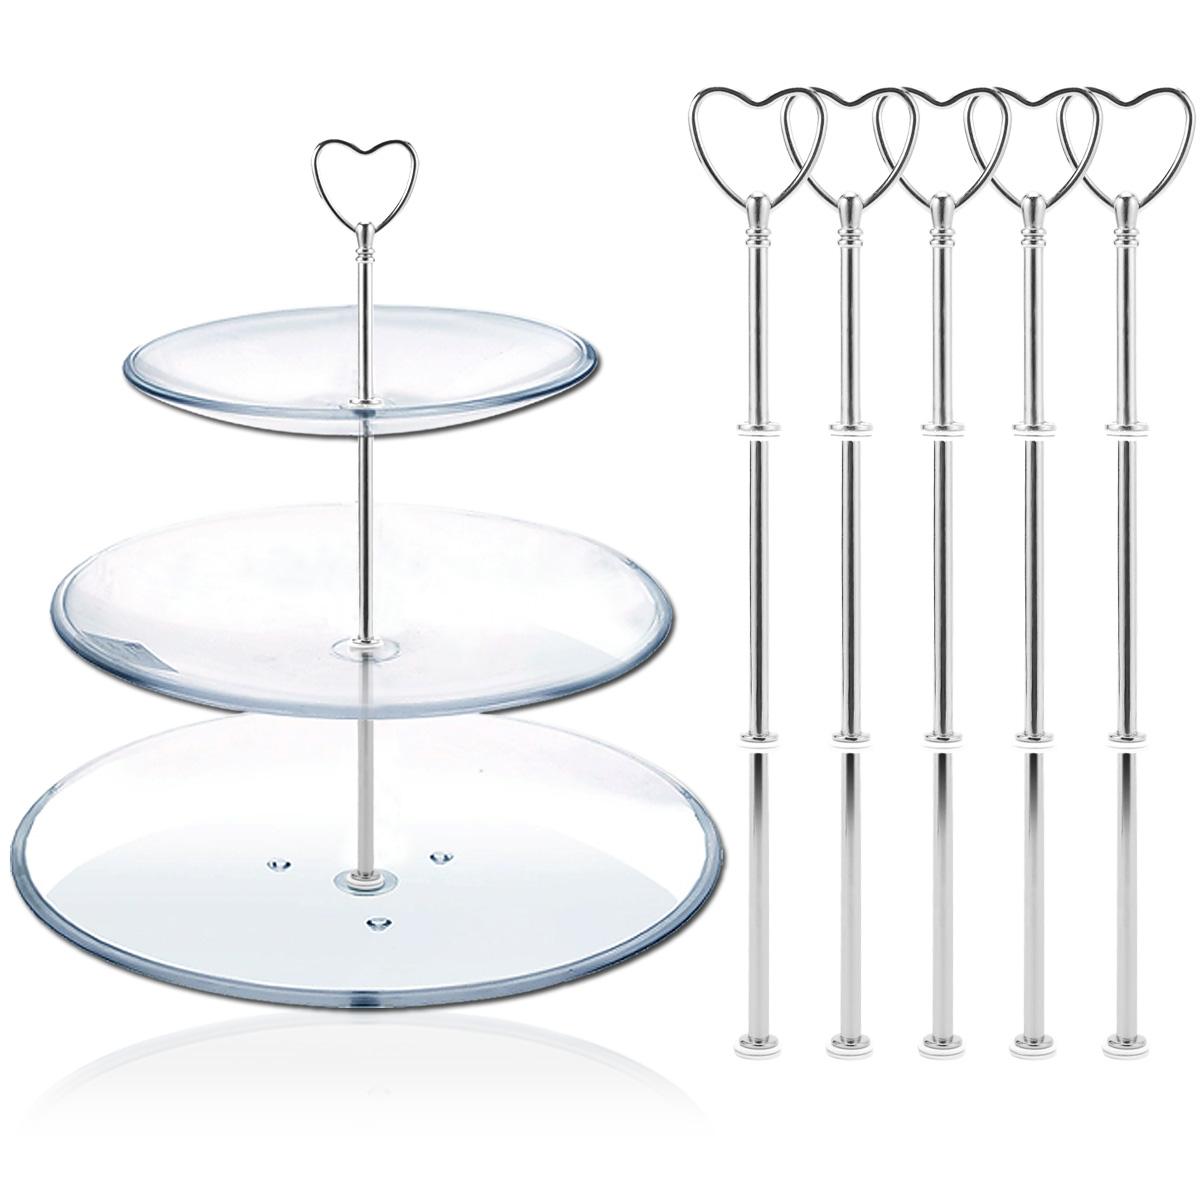 5 support poign e coeur pour assiette plateau 3 tage pr sentoir gateau cupcake ebay. Black Bedroom Furniture Sets. Home Design Ideas